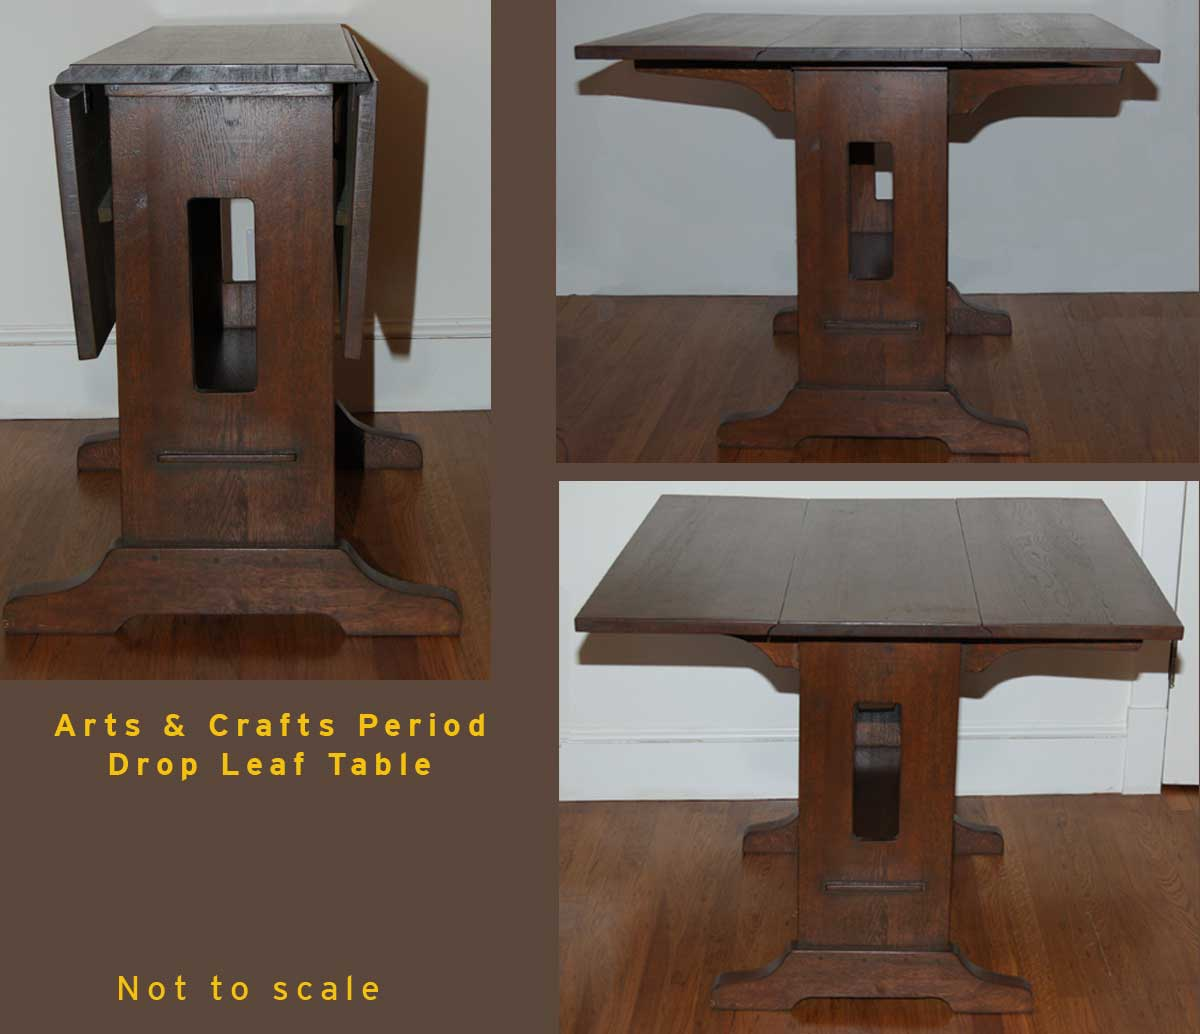 Mission Oak Furniture Furniture Arts And Crafts